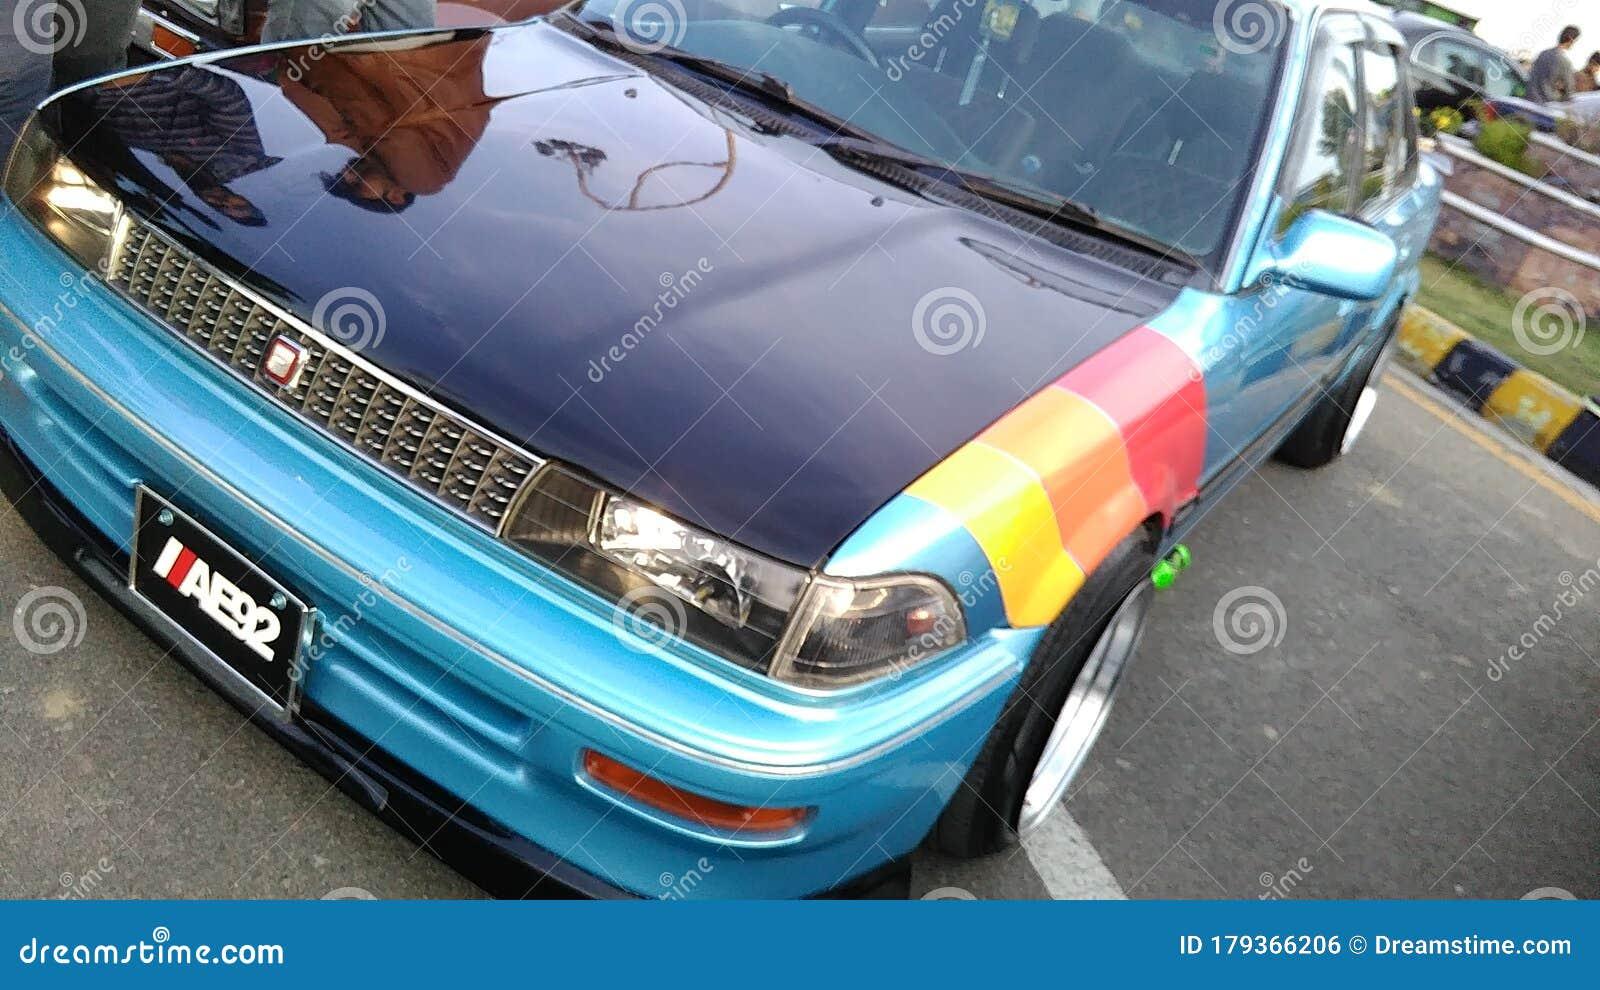 Kelebihan Toyota Corolla 1988 Murah Berkualitas